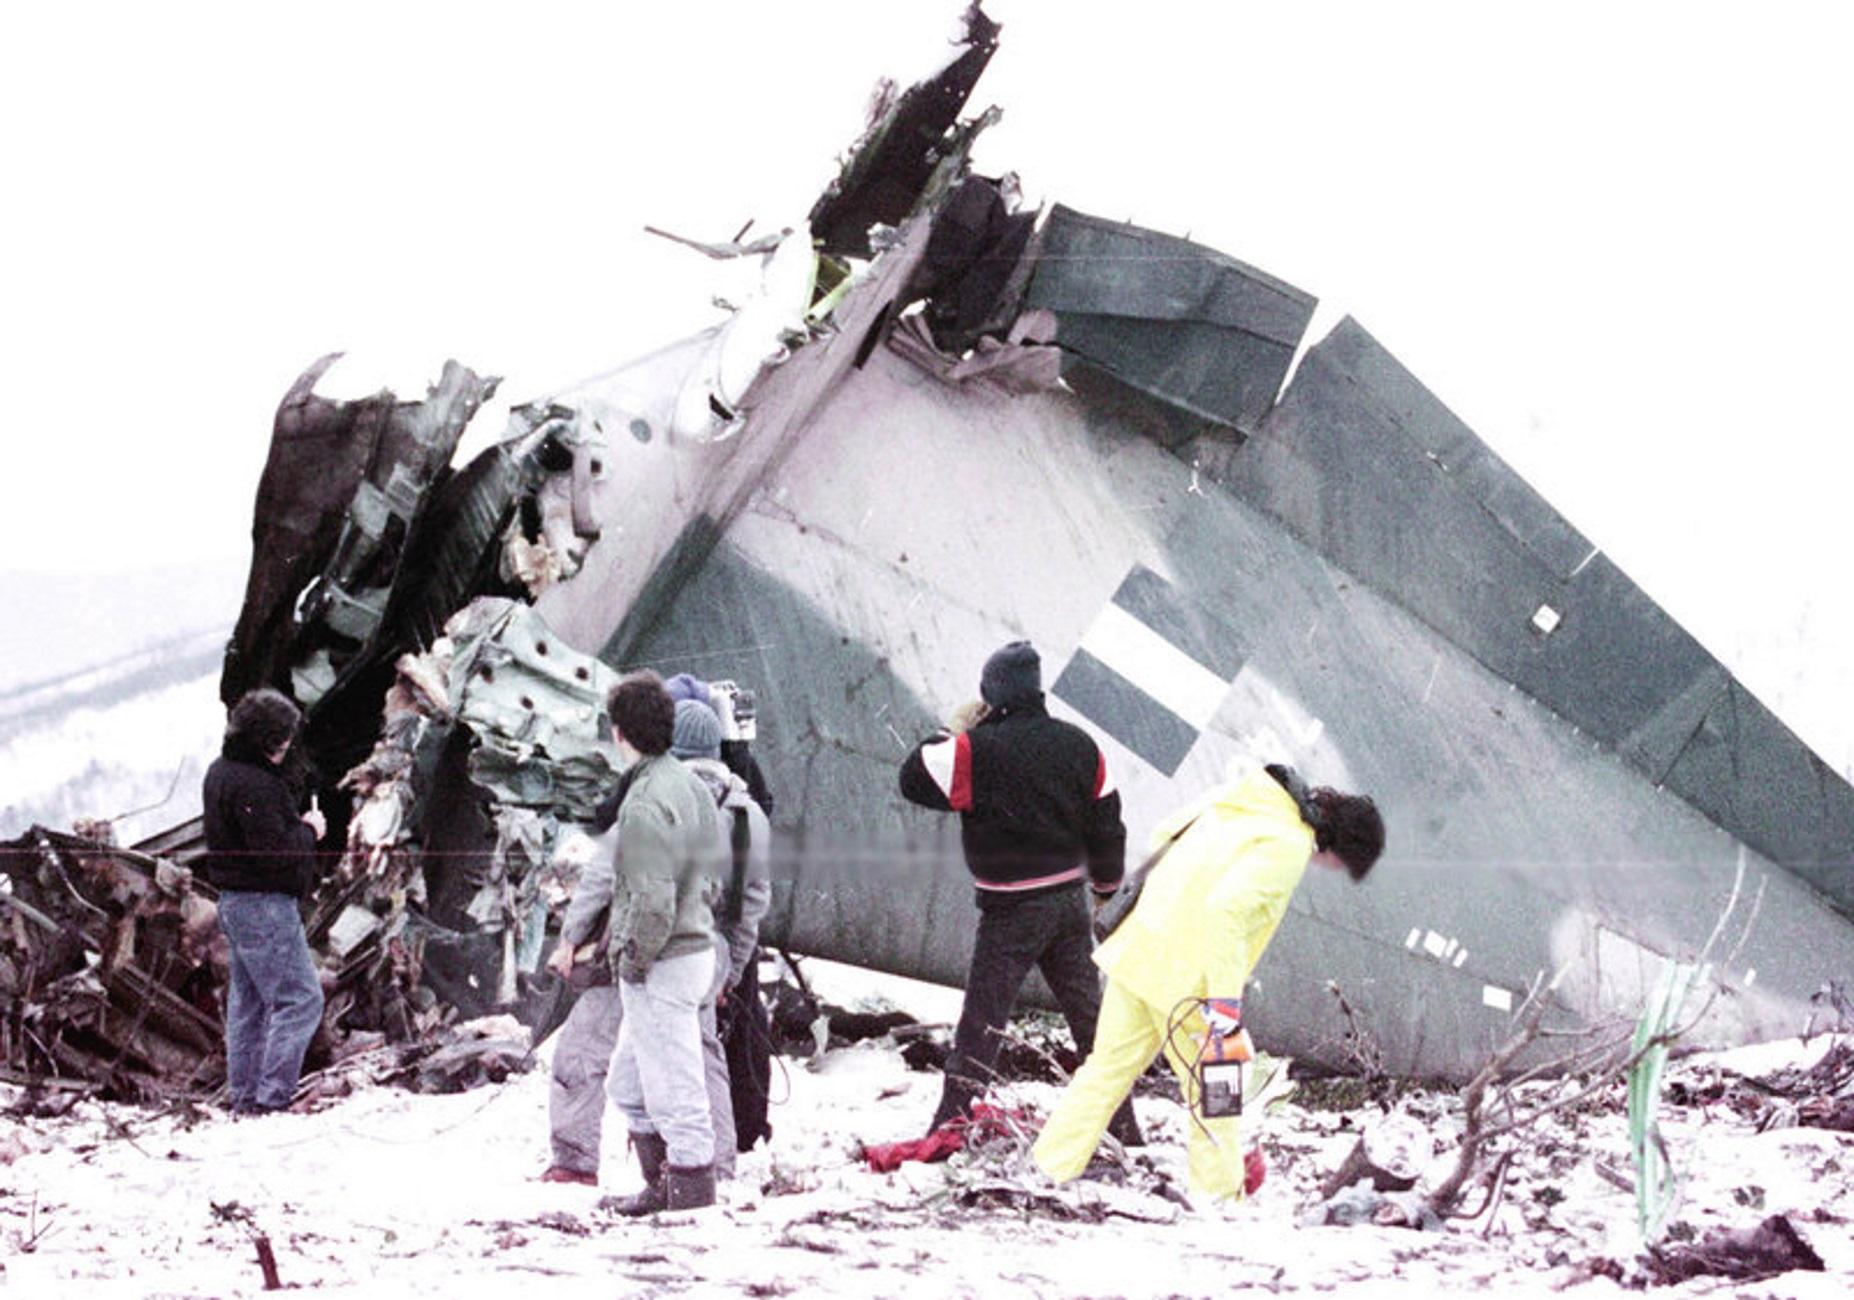 Συντριβή C 130 με 63 νεκρούς! 29 χρόνια από την ασύλληπτη τραγωδία που πάγωσε την Ελλάδα (Βίντεο)